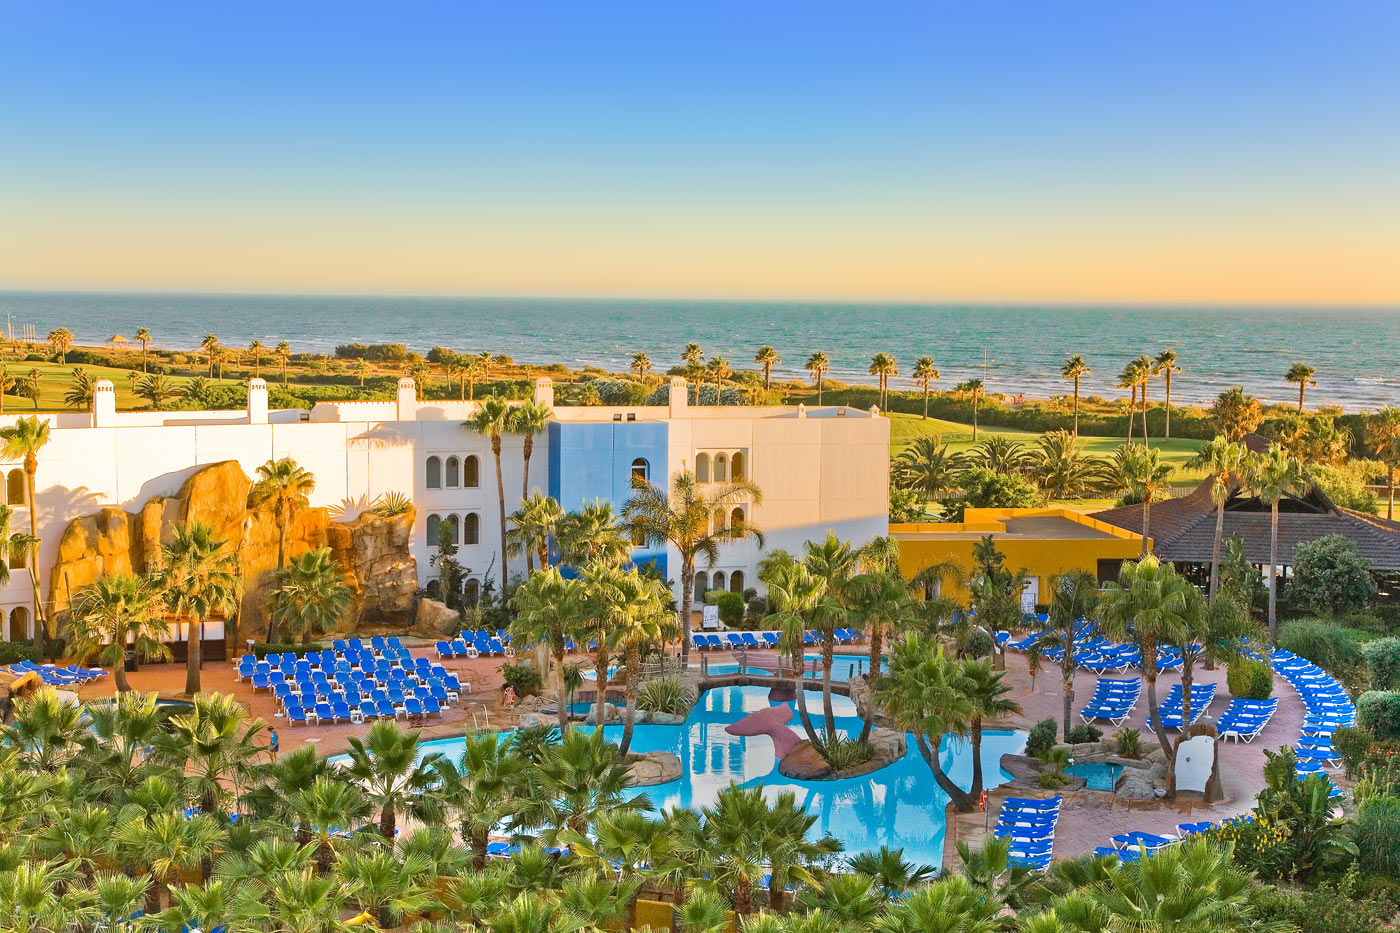 El Hotel Senator Playaballena, comprado por Amancio Ortega / Senator Hotels